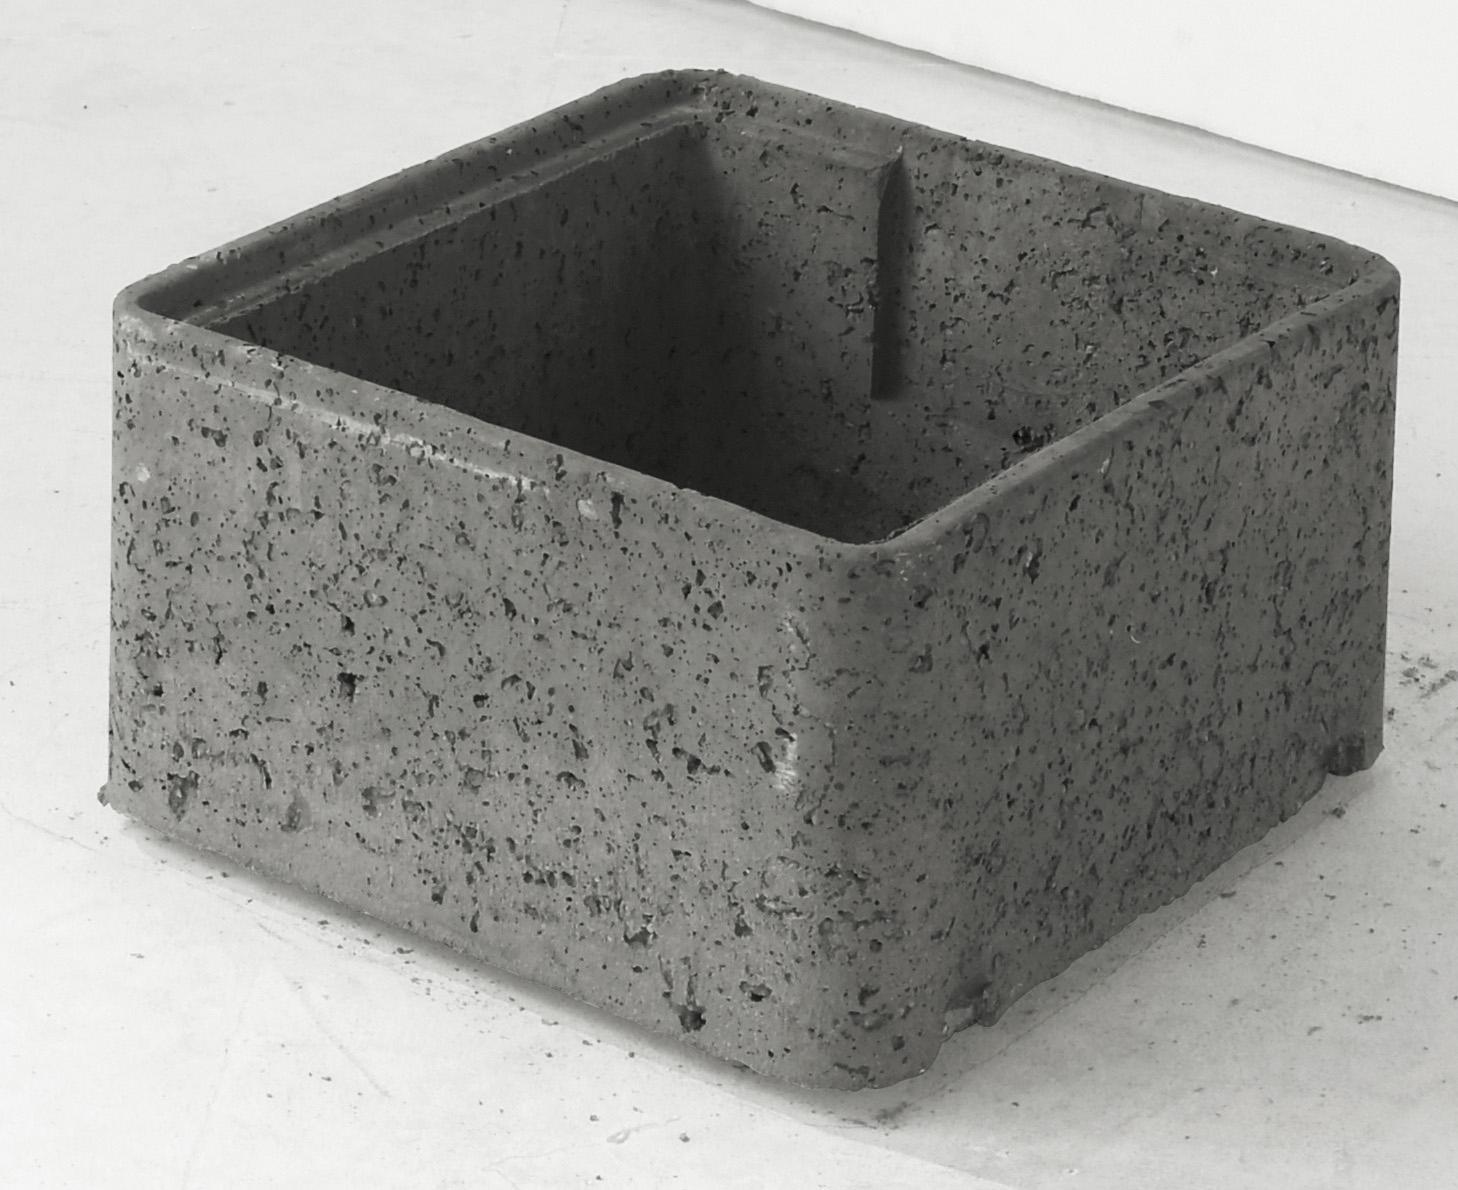 Regard Beton | Leroy Merlin concernant Regard Beton 1Mx1M